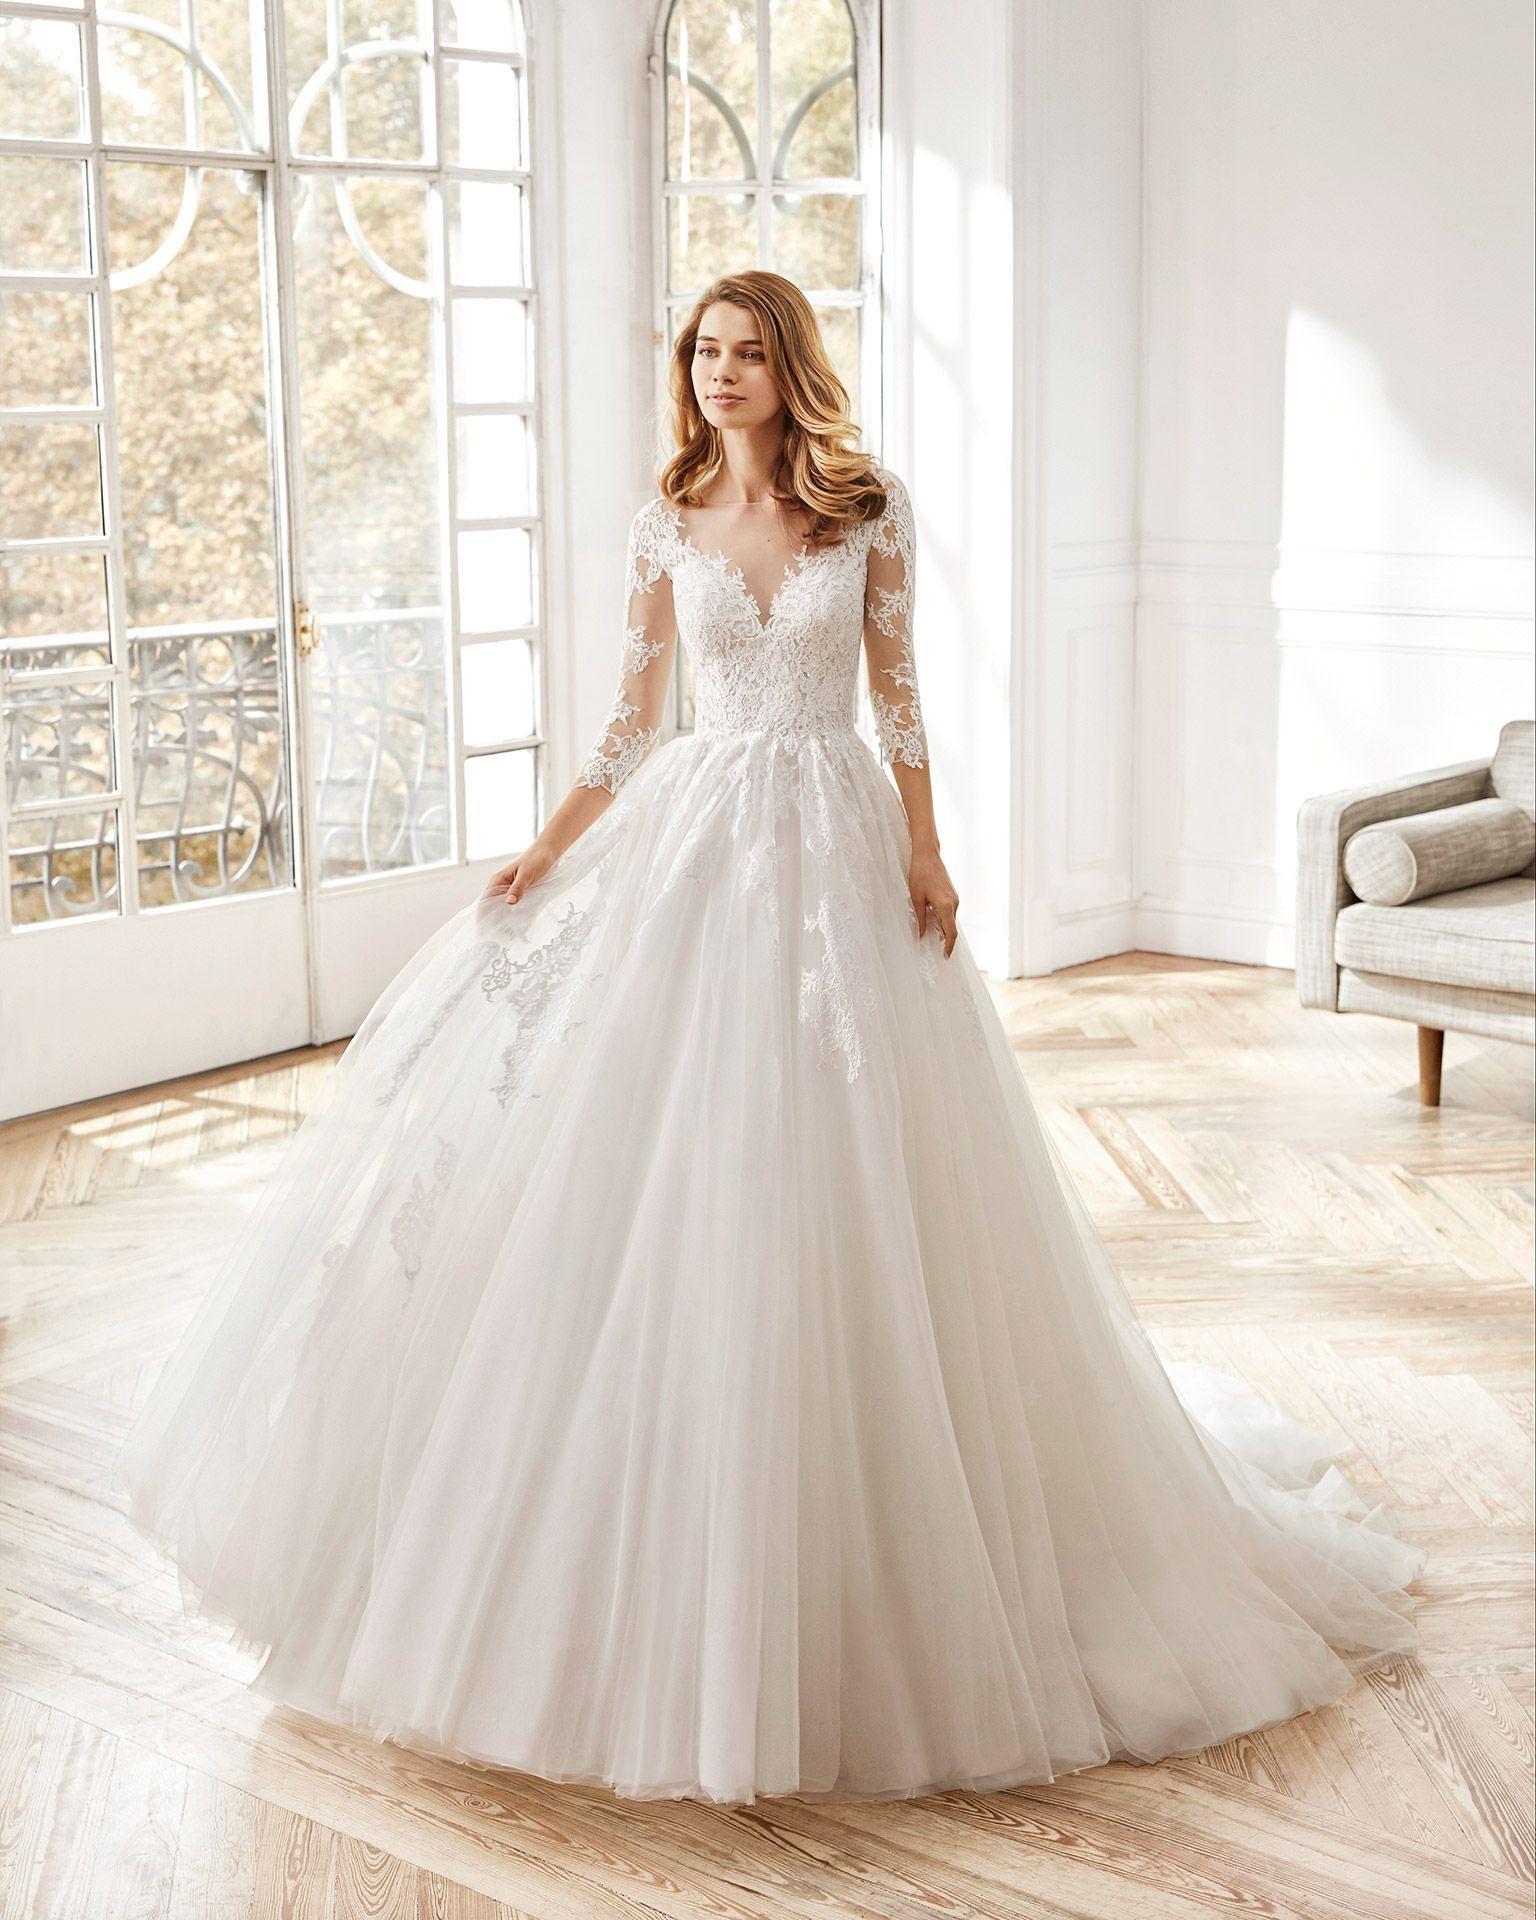 Brautkleid Im Princessstil Aus Tüll Und Spitze In 2020